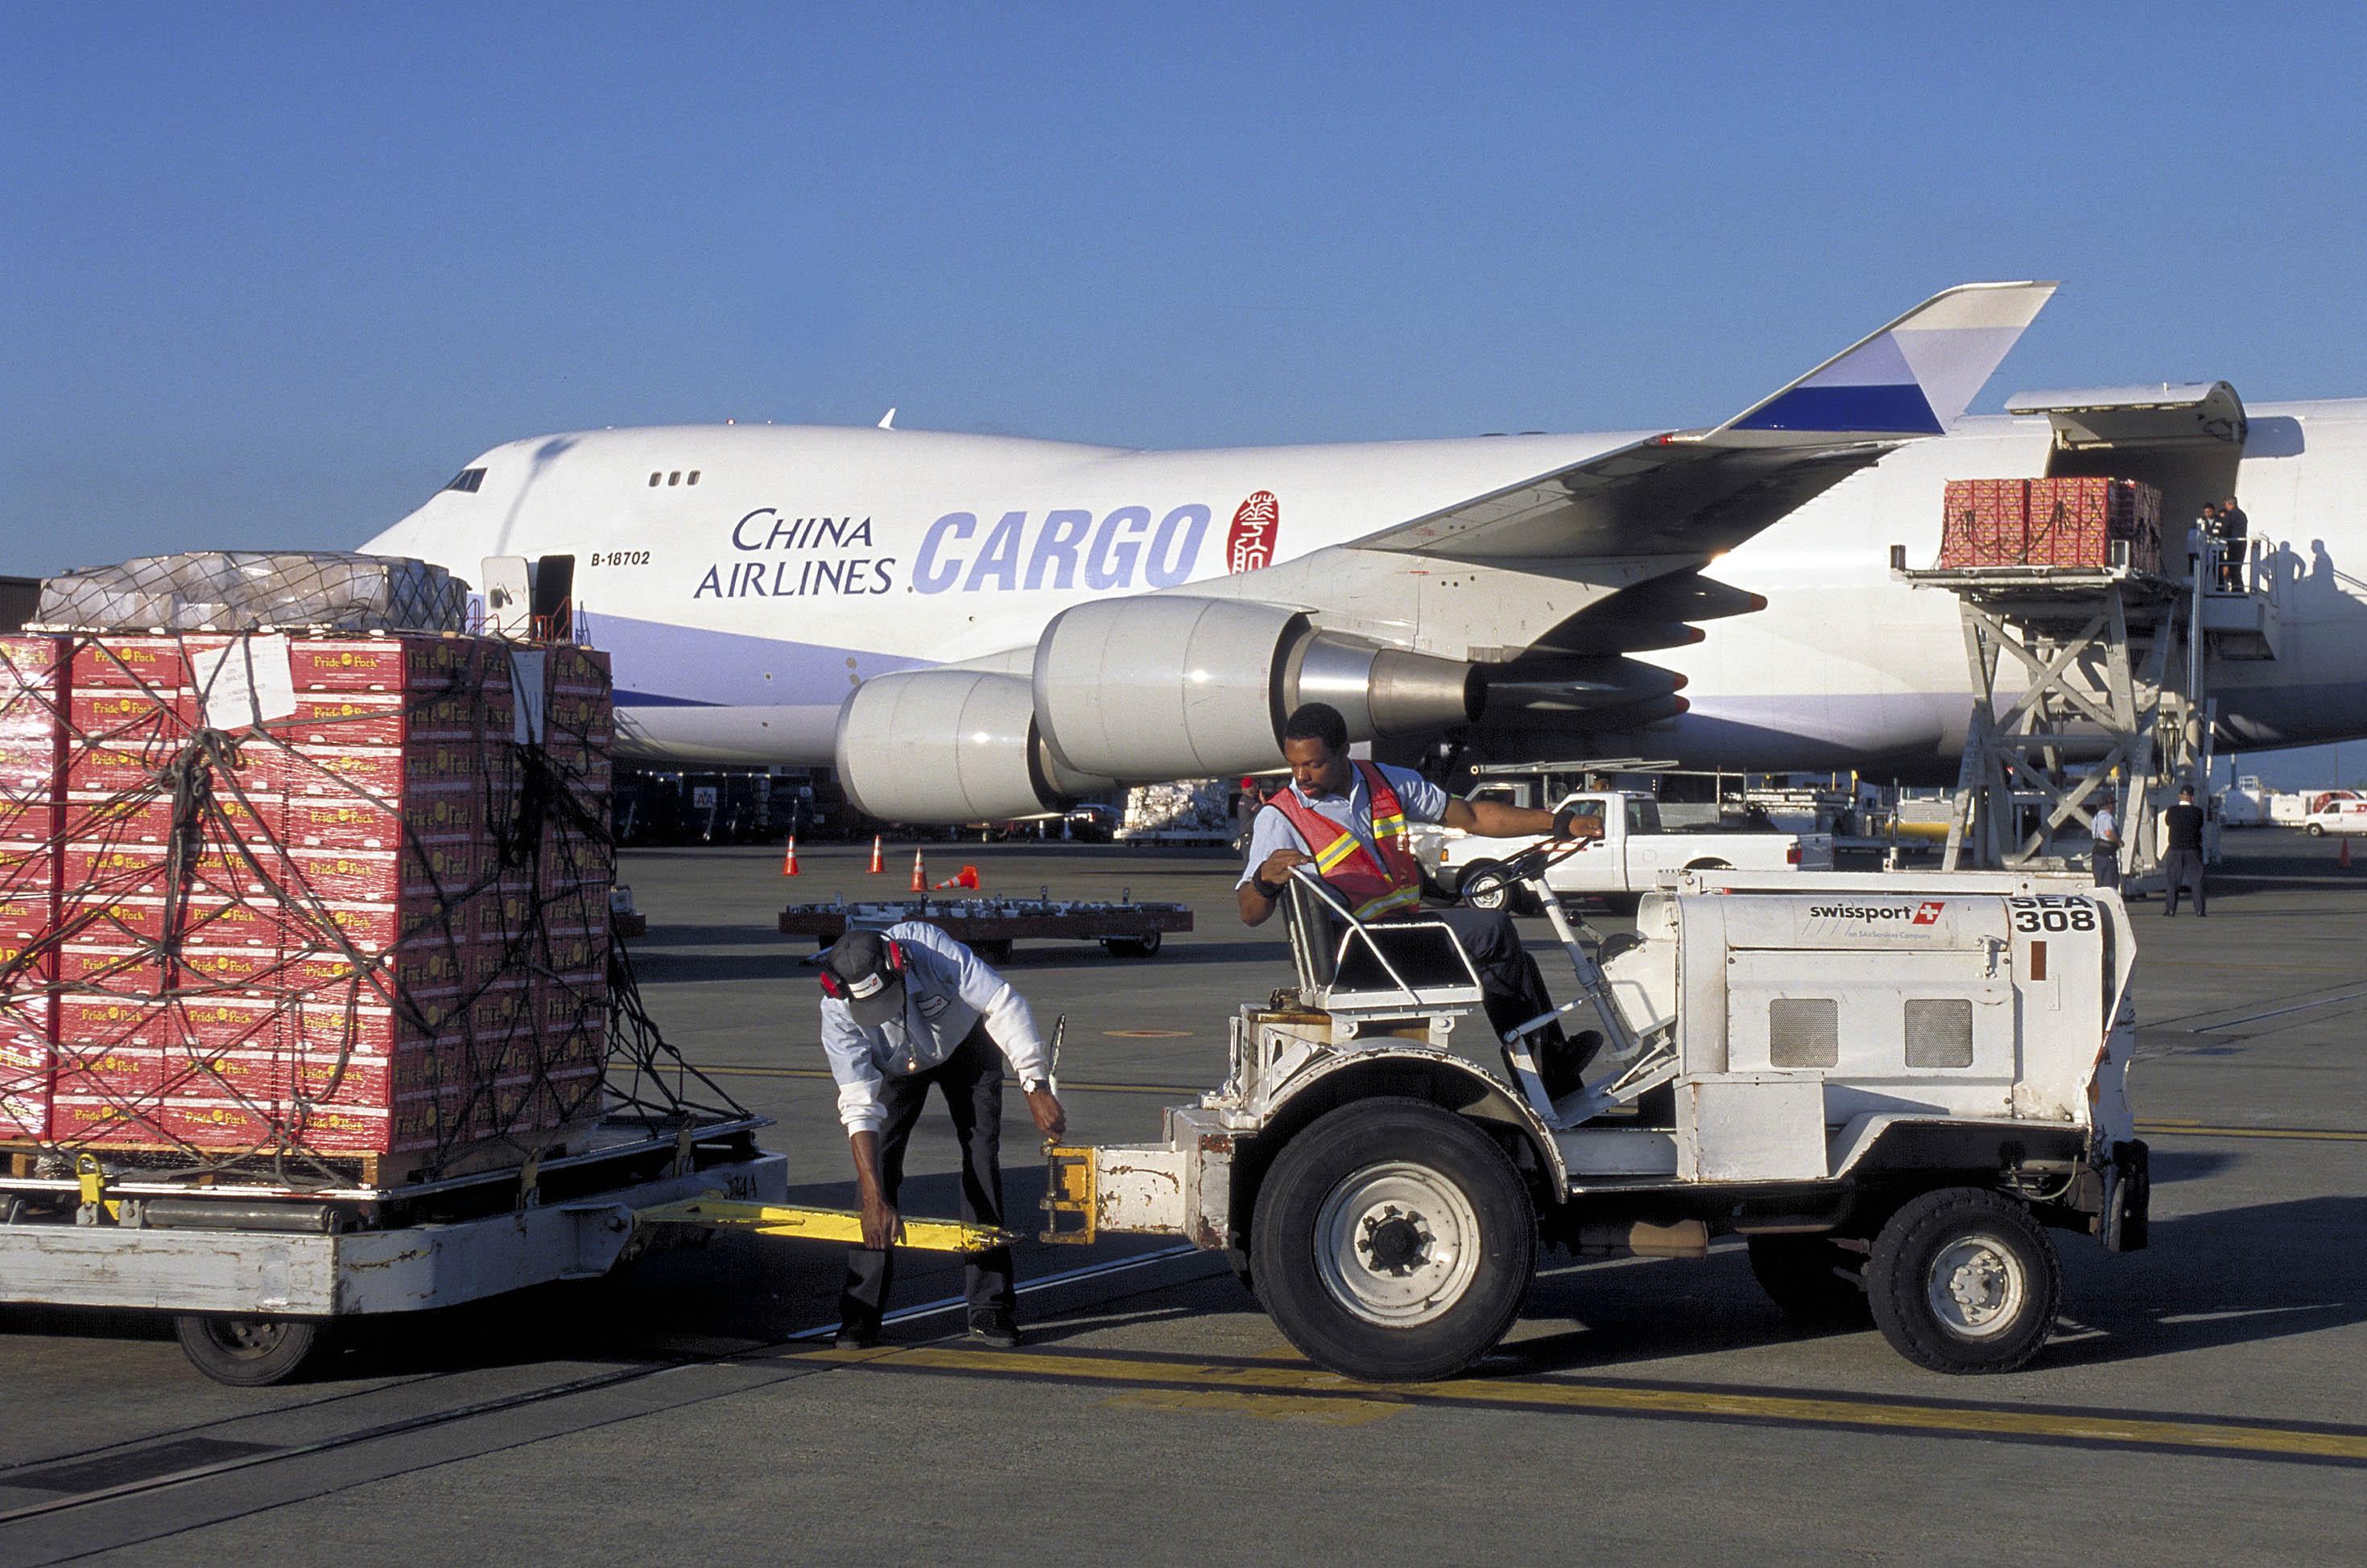 Dịch vụ vận chuyển hàng không đi Thụy Điển cùng Viettelcargo